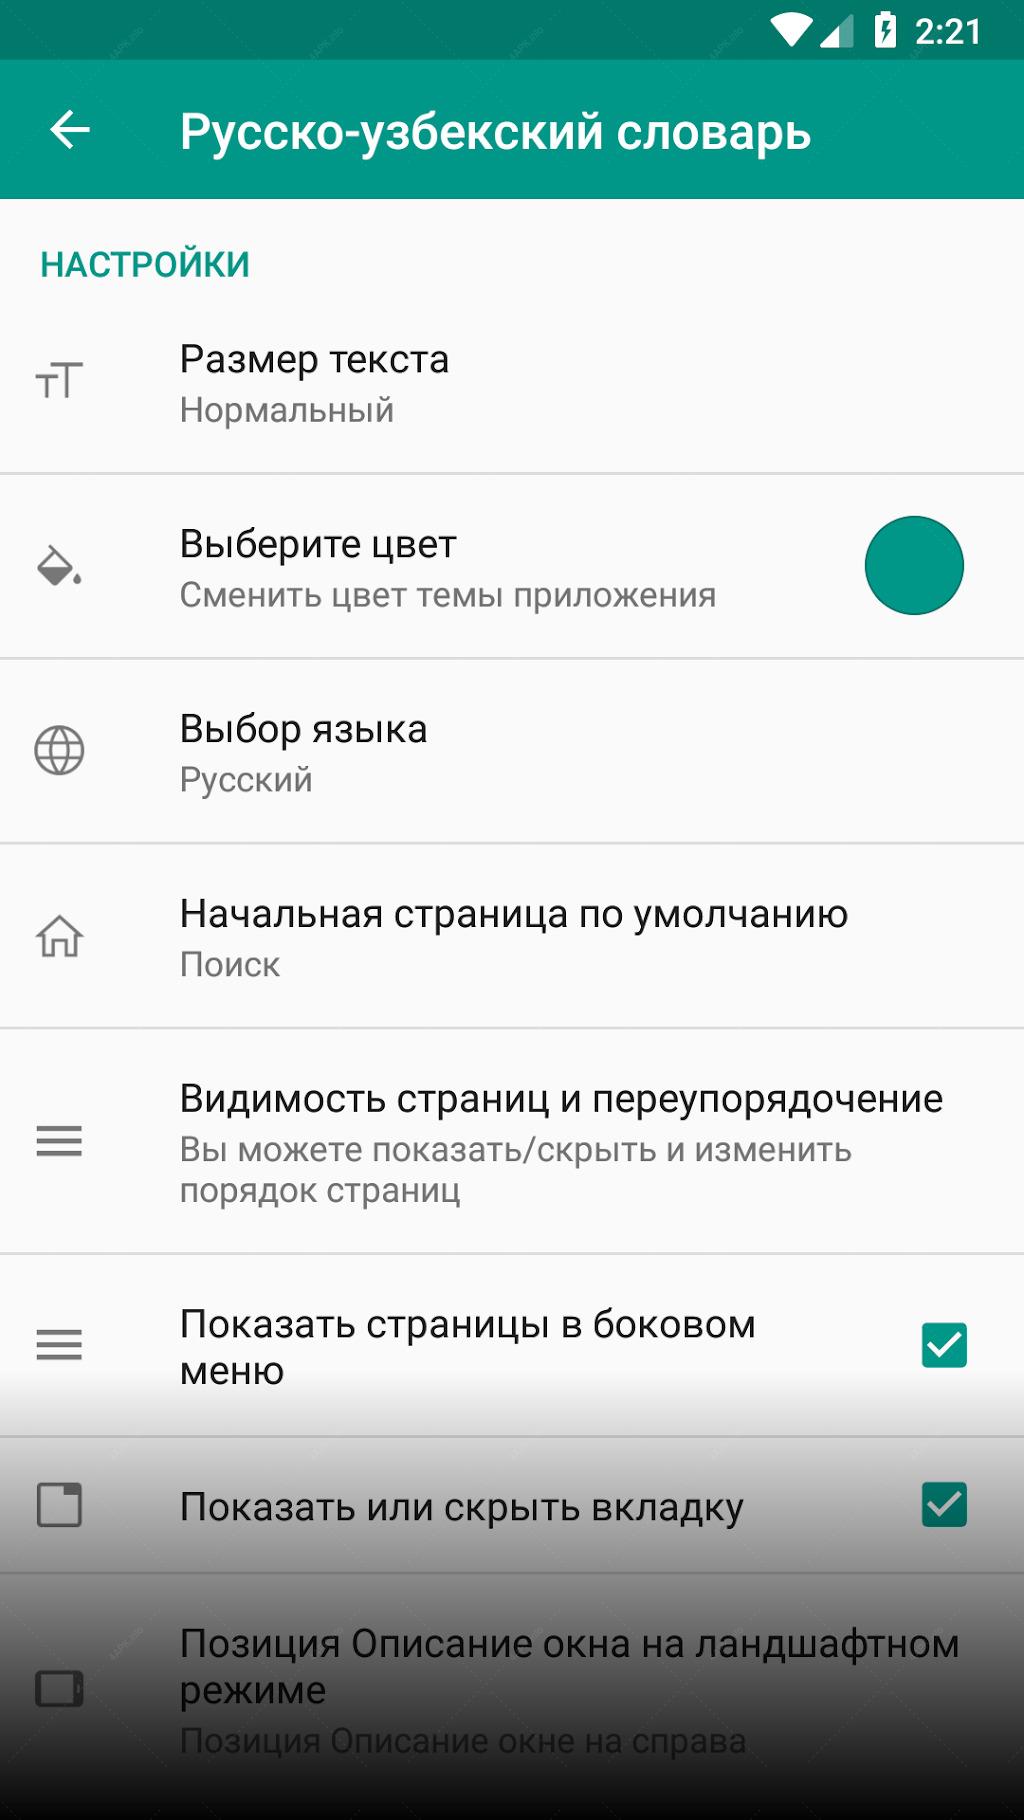 переводчик русско-узбекский скачать бесплатно